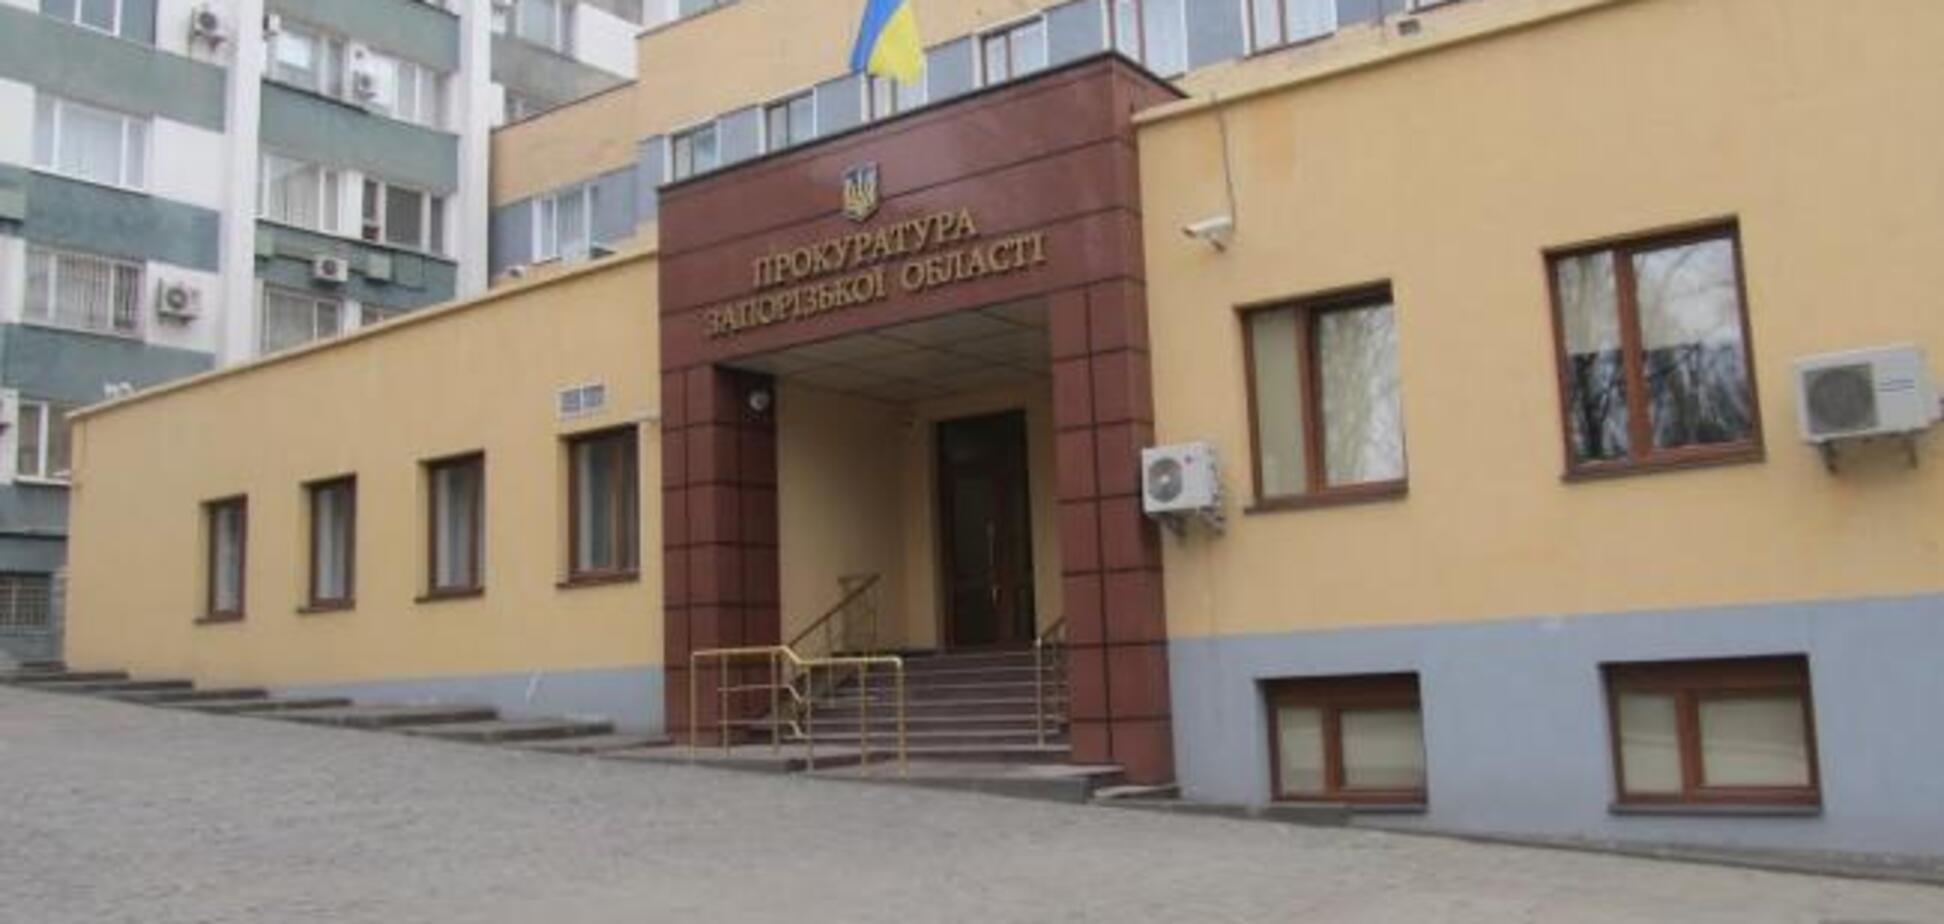 В Запорожье будут судить командира роты 'ЛНР'